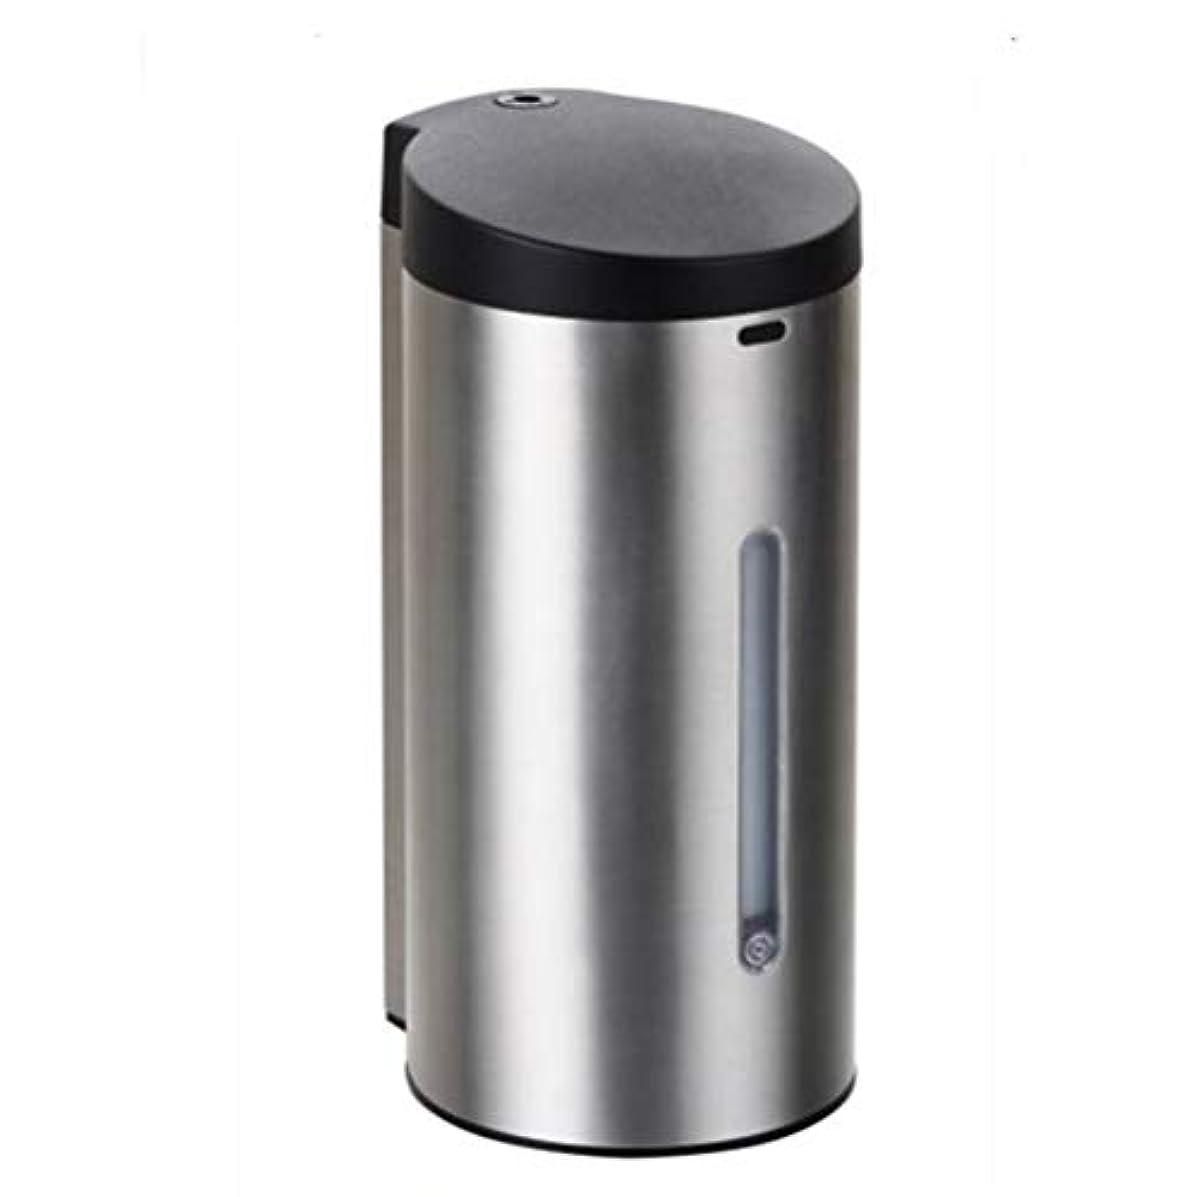 アーチ酸メイエラ電池式 オートソープディスペンサー 赤外線センサーポンプソープディスペンサーステンレス 漏れ防止7段調整可 自動 ハンドソープ ータッチ 650ML 9Vバッテリー(6ノット* 1.5V)